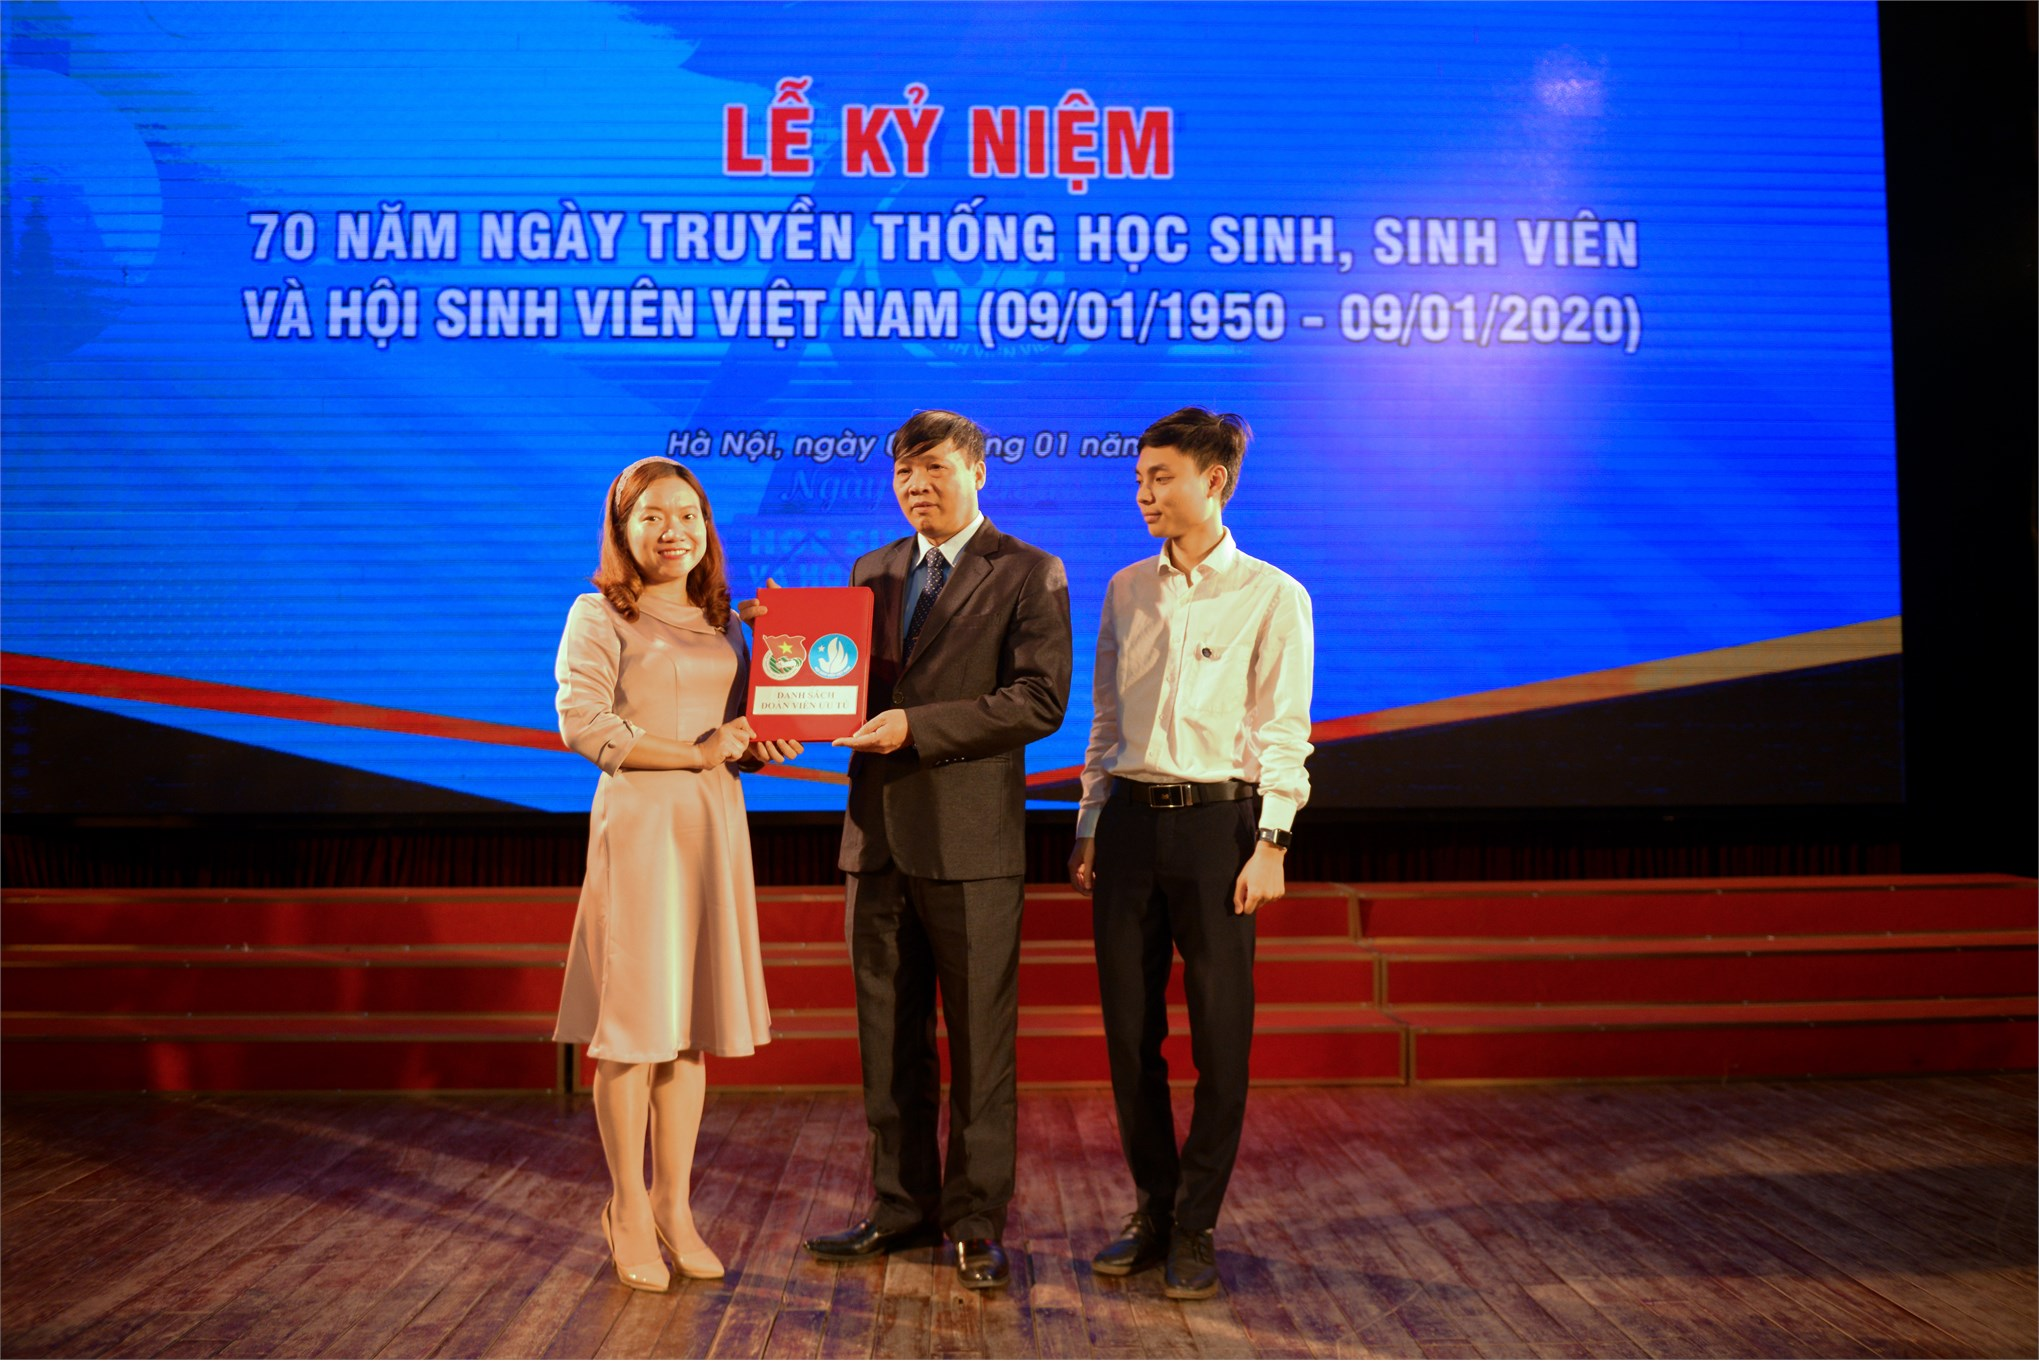 Kỷ niệm 70 năm ngày truyền thống Học sinh sinh viên và Hội sinh viên Việt Nam ( 09/01/1950 - 09/01/2020)